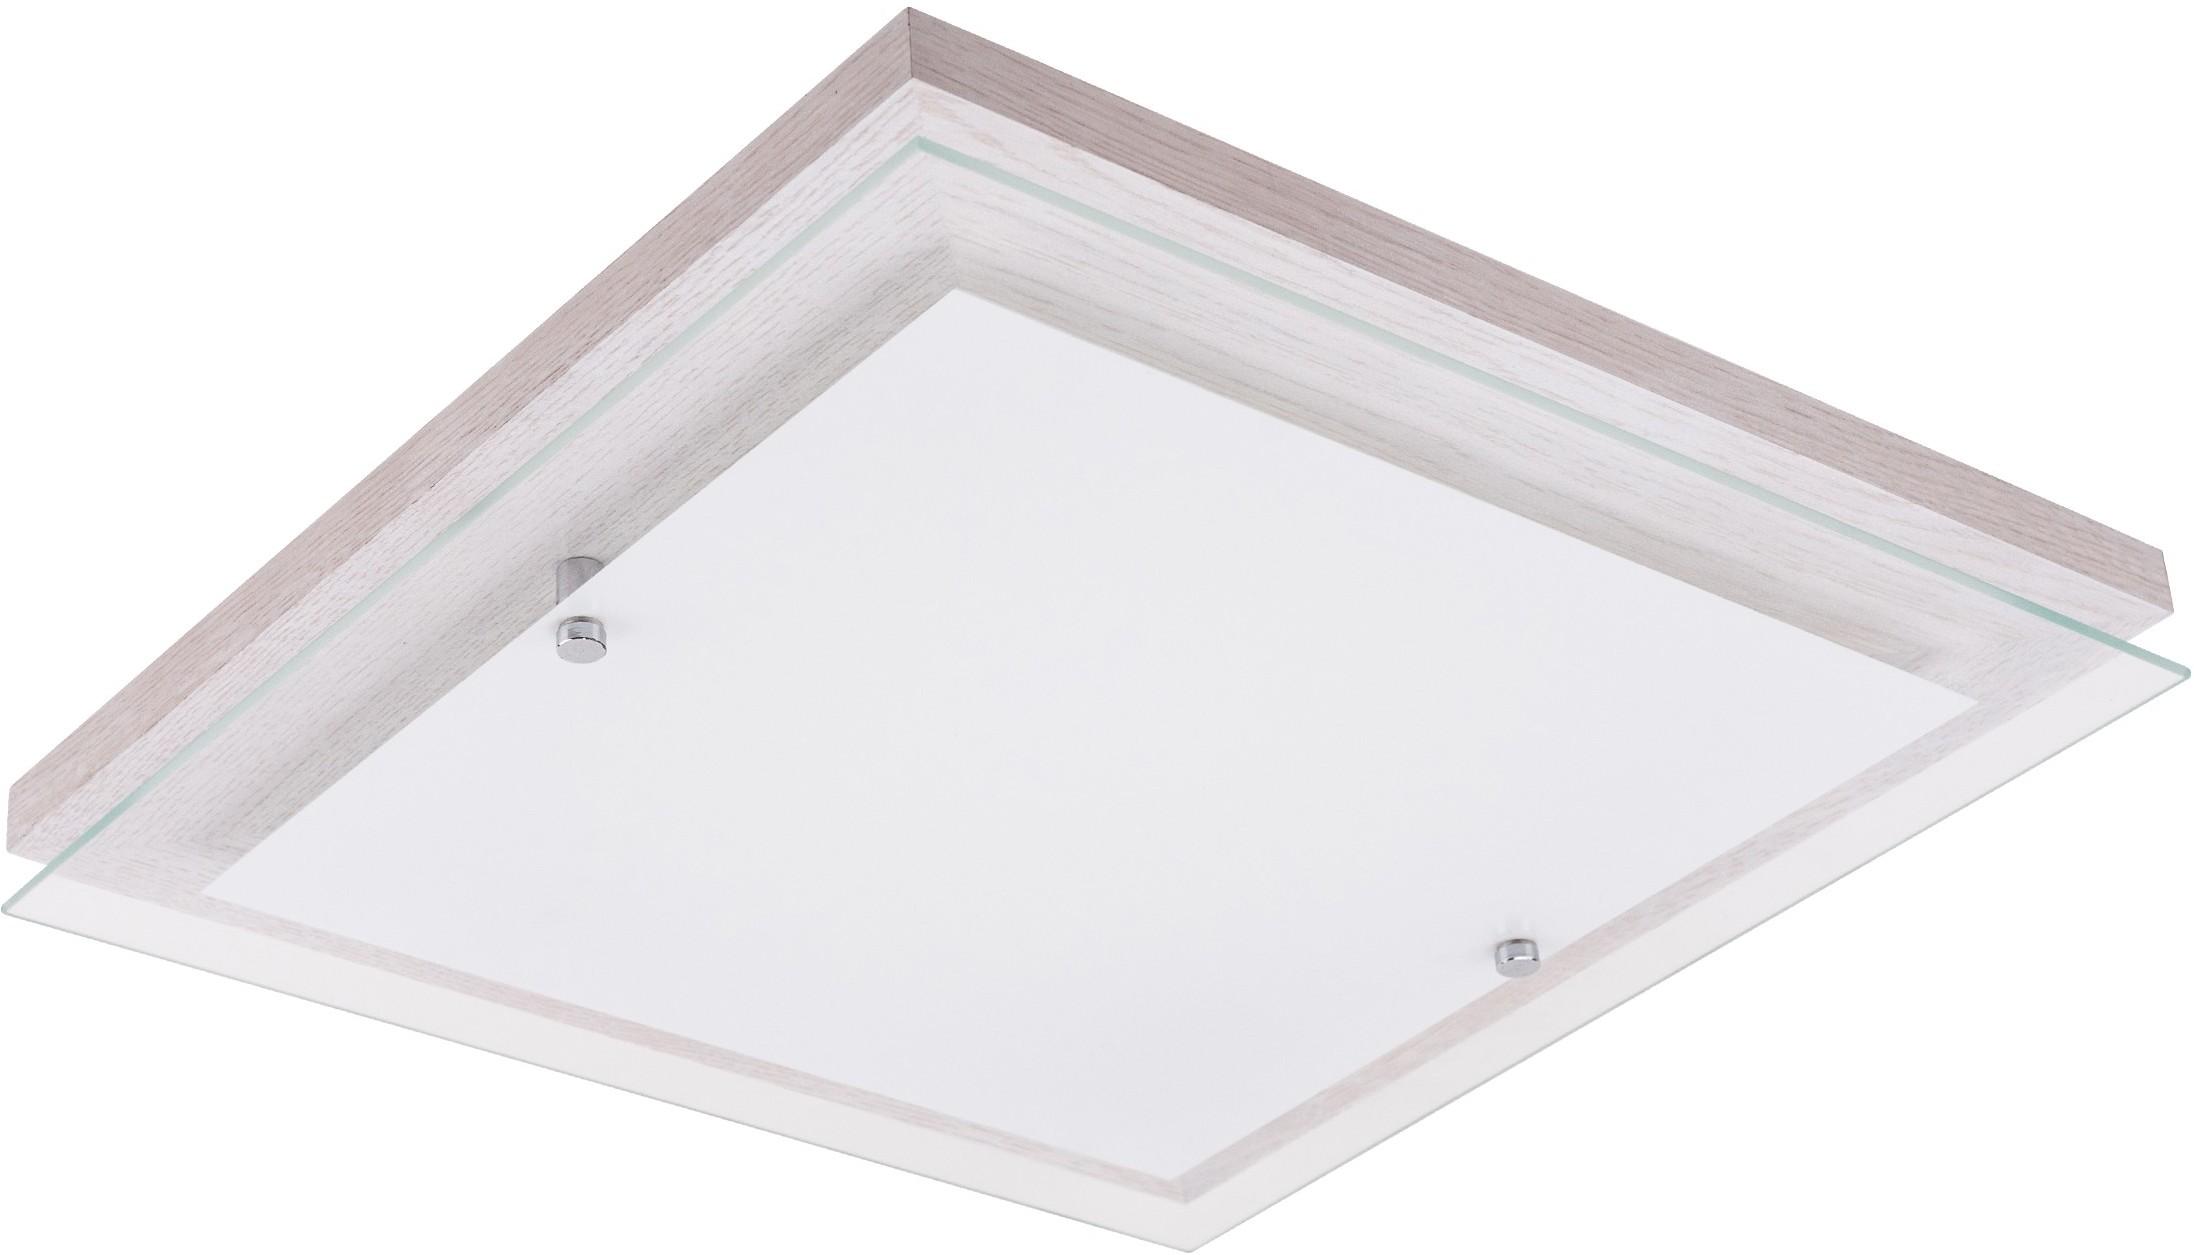 Spotlight FINN plafon LED 14W z funkcją ściemniania dąb bielony 4122932